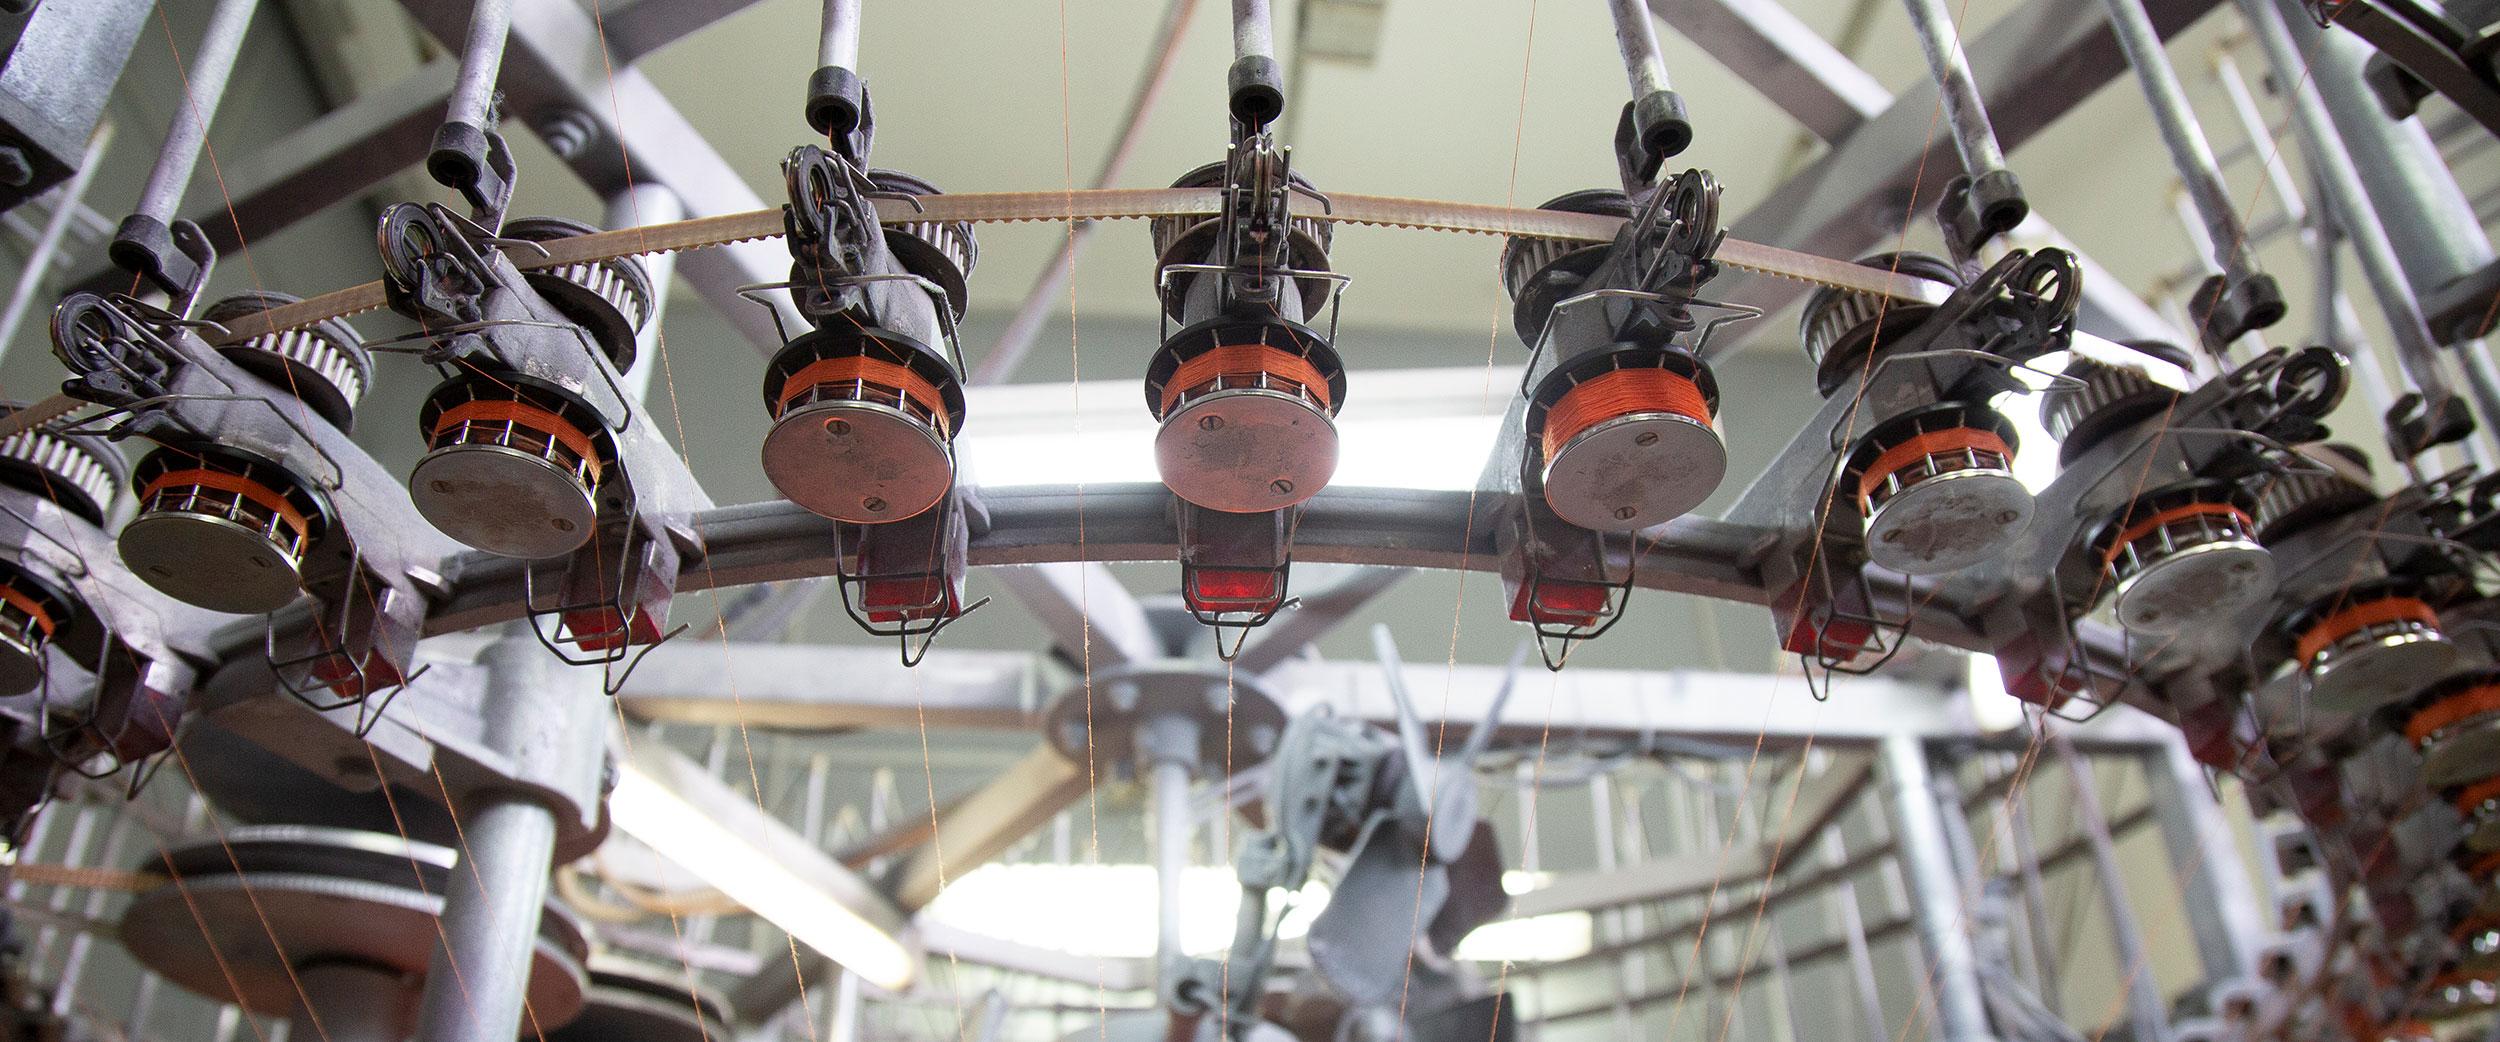 Produccion y fabricacion de tejidos tecnicos